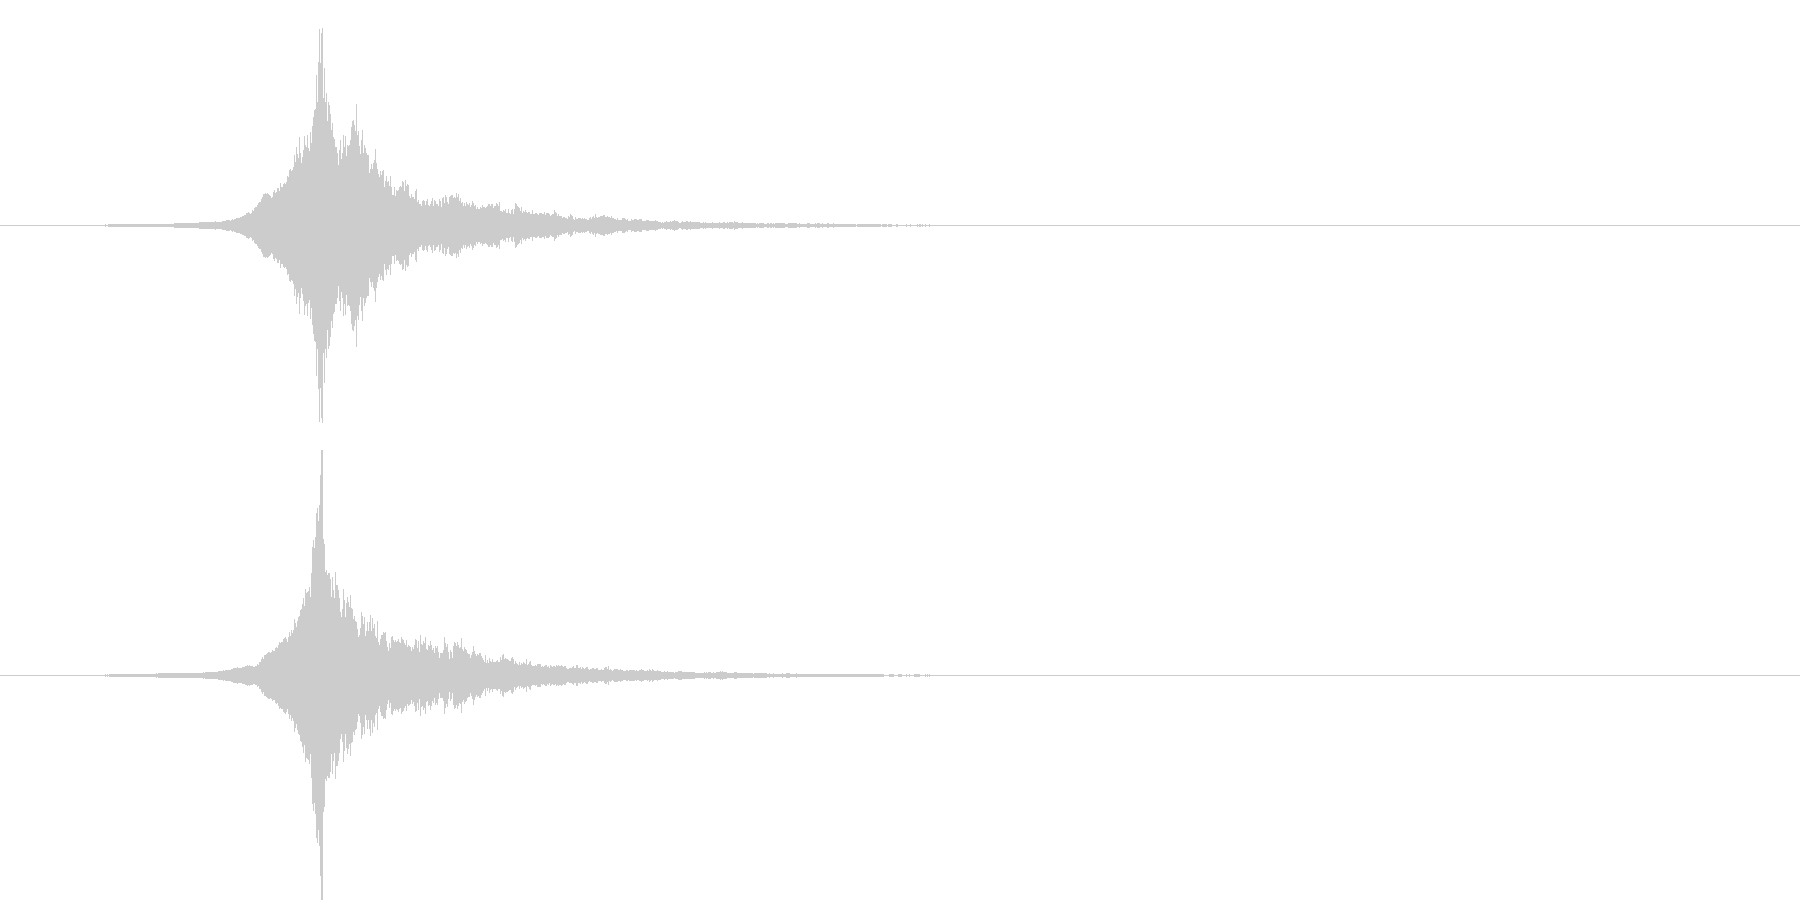 開始音(金属、かっこいい、クール)の未再生の波形